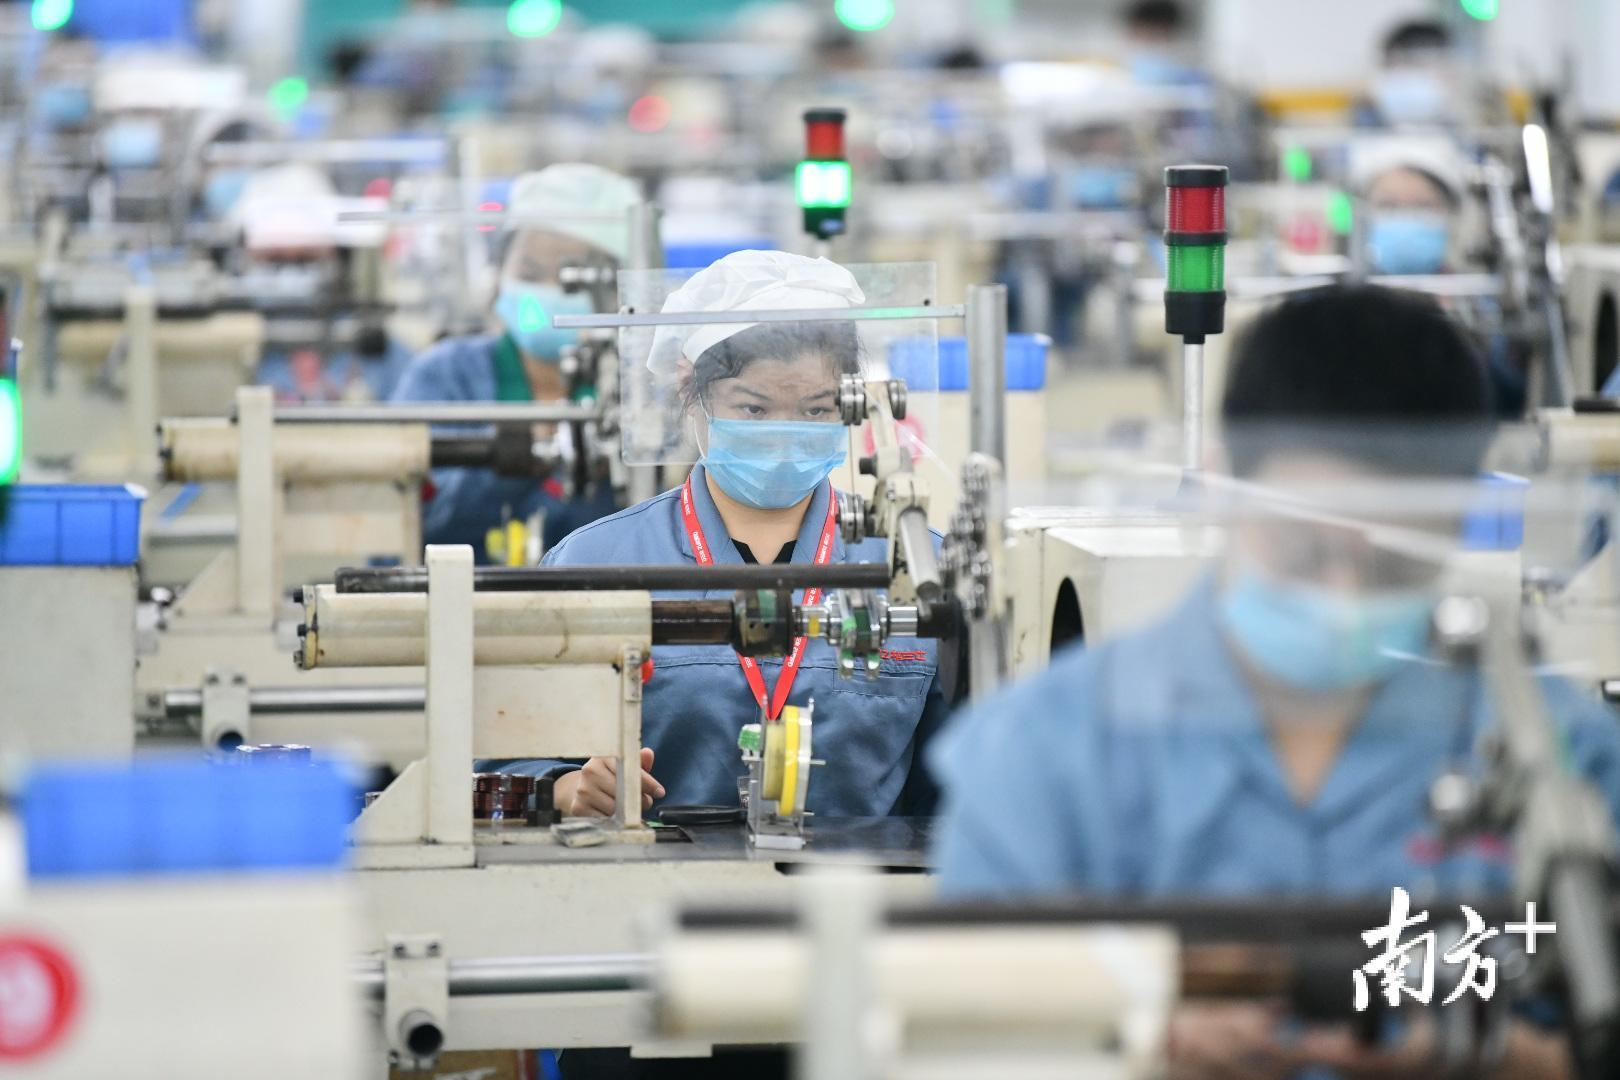 佛山用工紧缺的情况主要出现在制造业,例如陶瓷卫浴类、机械五金类等劳动密集型企业。图为格兰仕生产车间。戴嘉信 摄